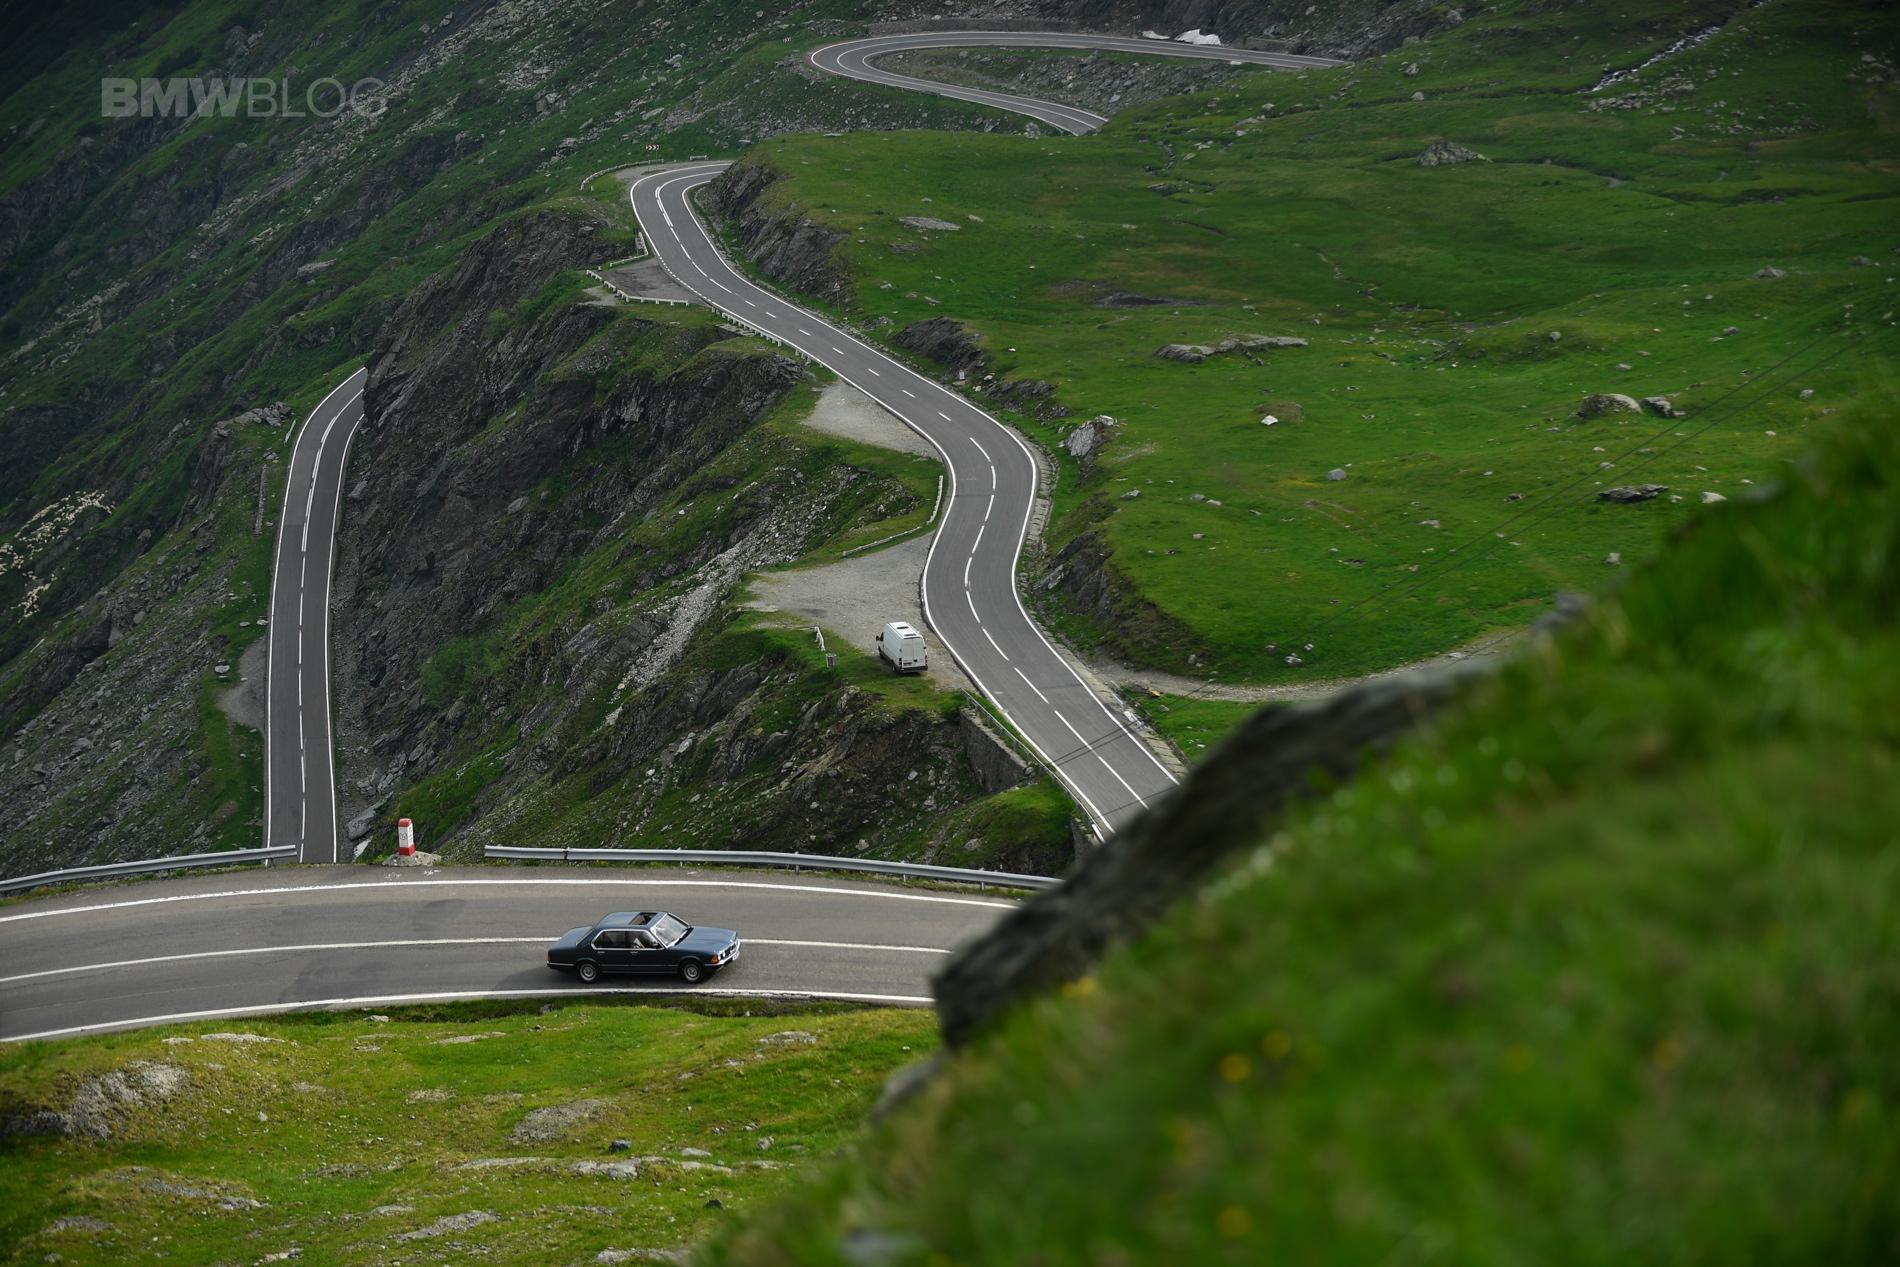 BMW E32 7 Series Romania 05